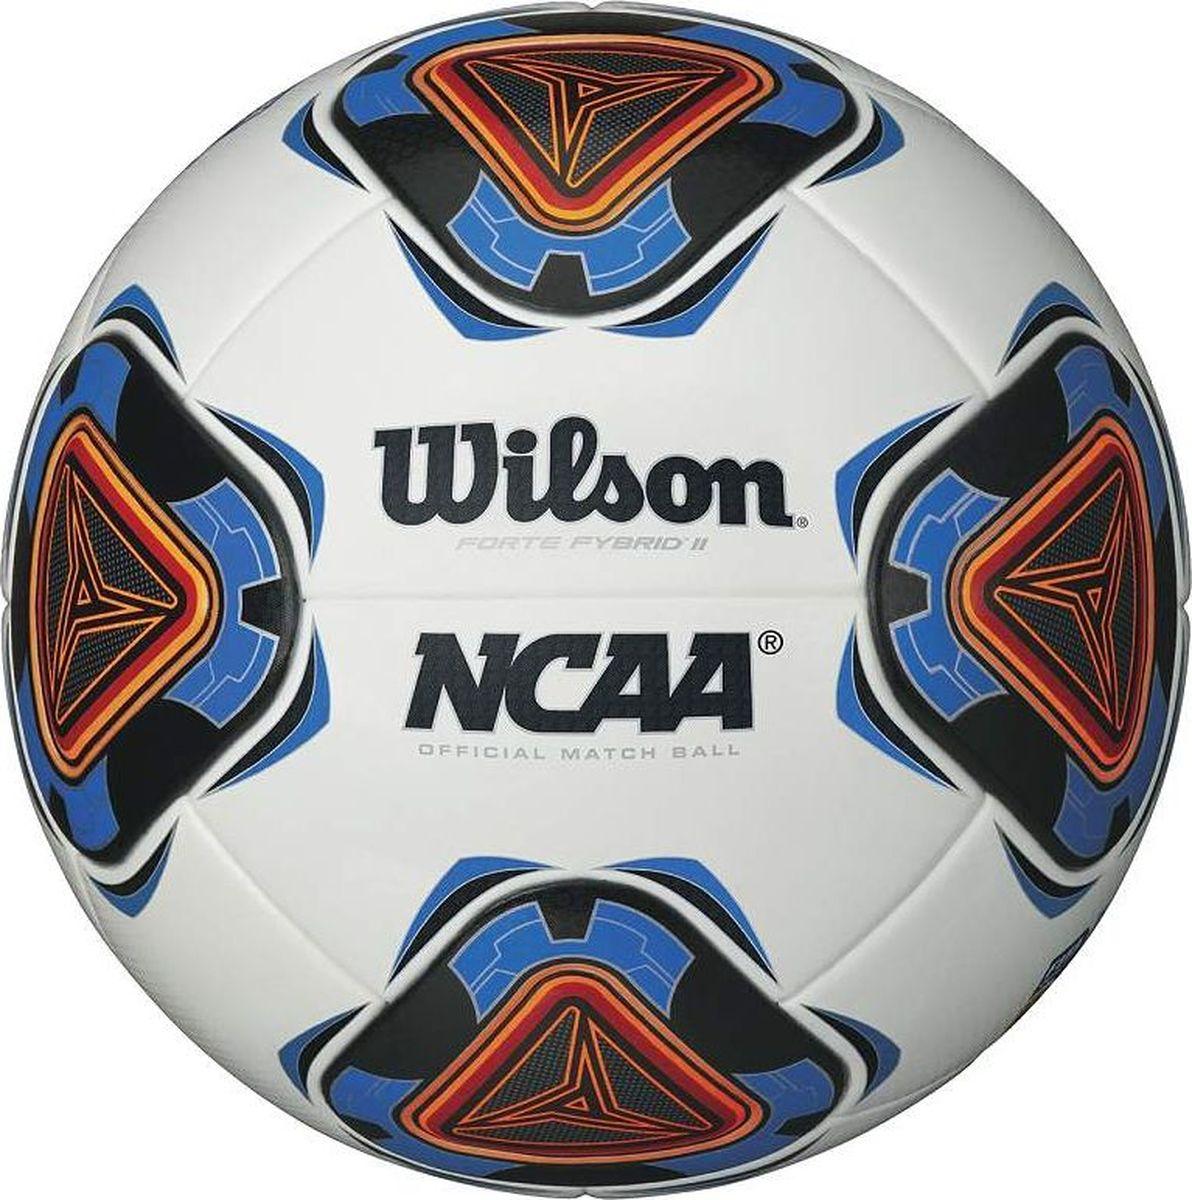 Мяч футбольный Wilson NCAA Mini Forte II WHB, цвет: синий, белый, диаметр 13 смWTE9901XBФутбольный мяч Wilson NCAA Mini Forte II WHB выполнен из композитных материалов. Устойчив к трению и износу, подходит для игры на любых поверхностях в любых погодных условиях. Этот мини мяч, предназначенный для официальных матчей чемпионата Forte FYbrid II NCAA. Он не просто милый и симпатичный, но и один из самых популярных мячей, используемых на тренировках крученых мячей.Длина окружности: 42 см. УВАЖАЕМЫЕ КЛИЕНТЫ!Просим обратить ваше внимание на тот факт, что мяч поставляется в сдутом состоянии и надувается при помощи насоса (насос не входит в комплект).Диаметр мяча: 13 см.